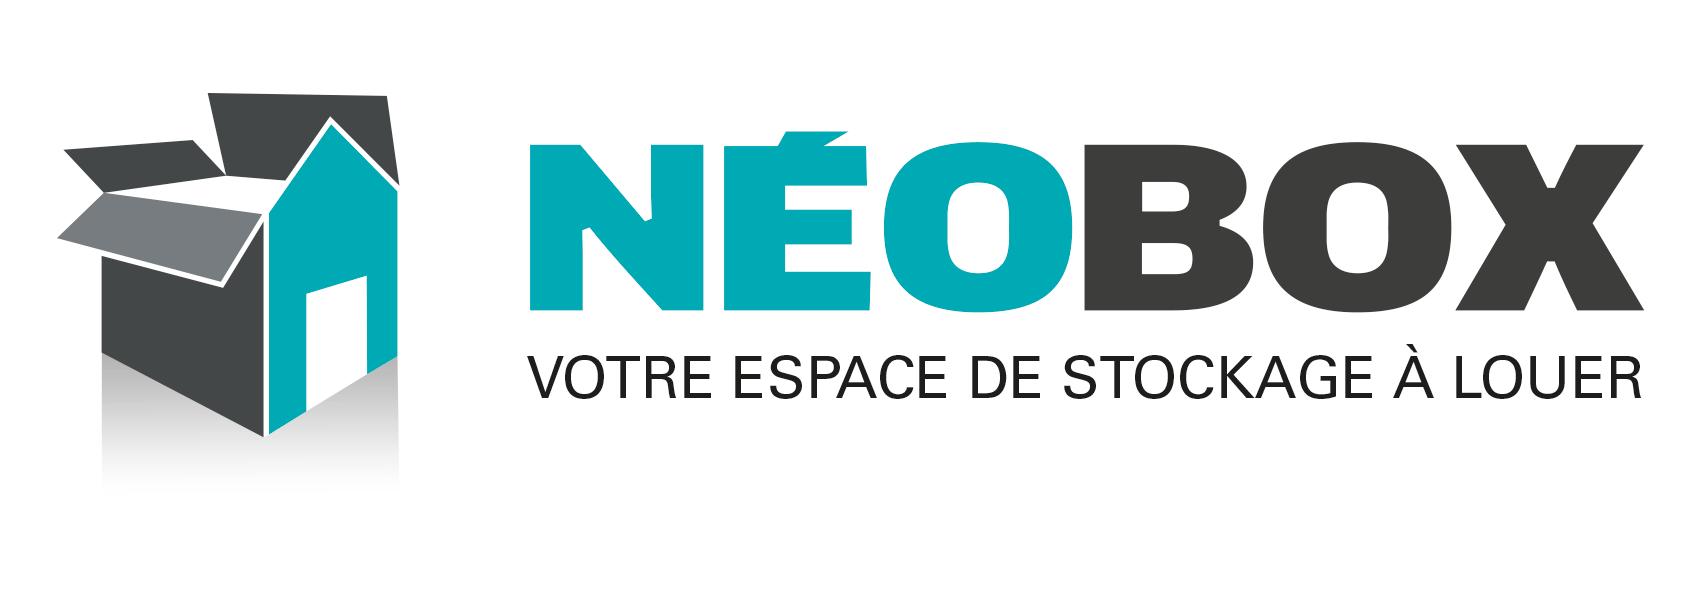 NEOBOX